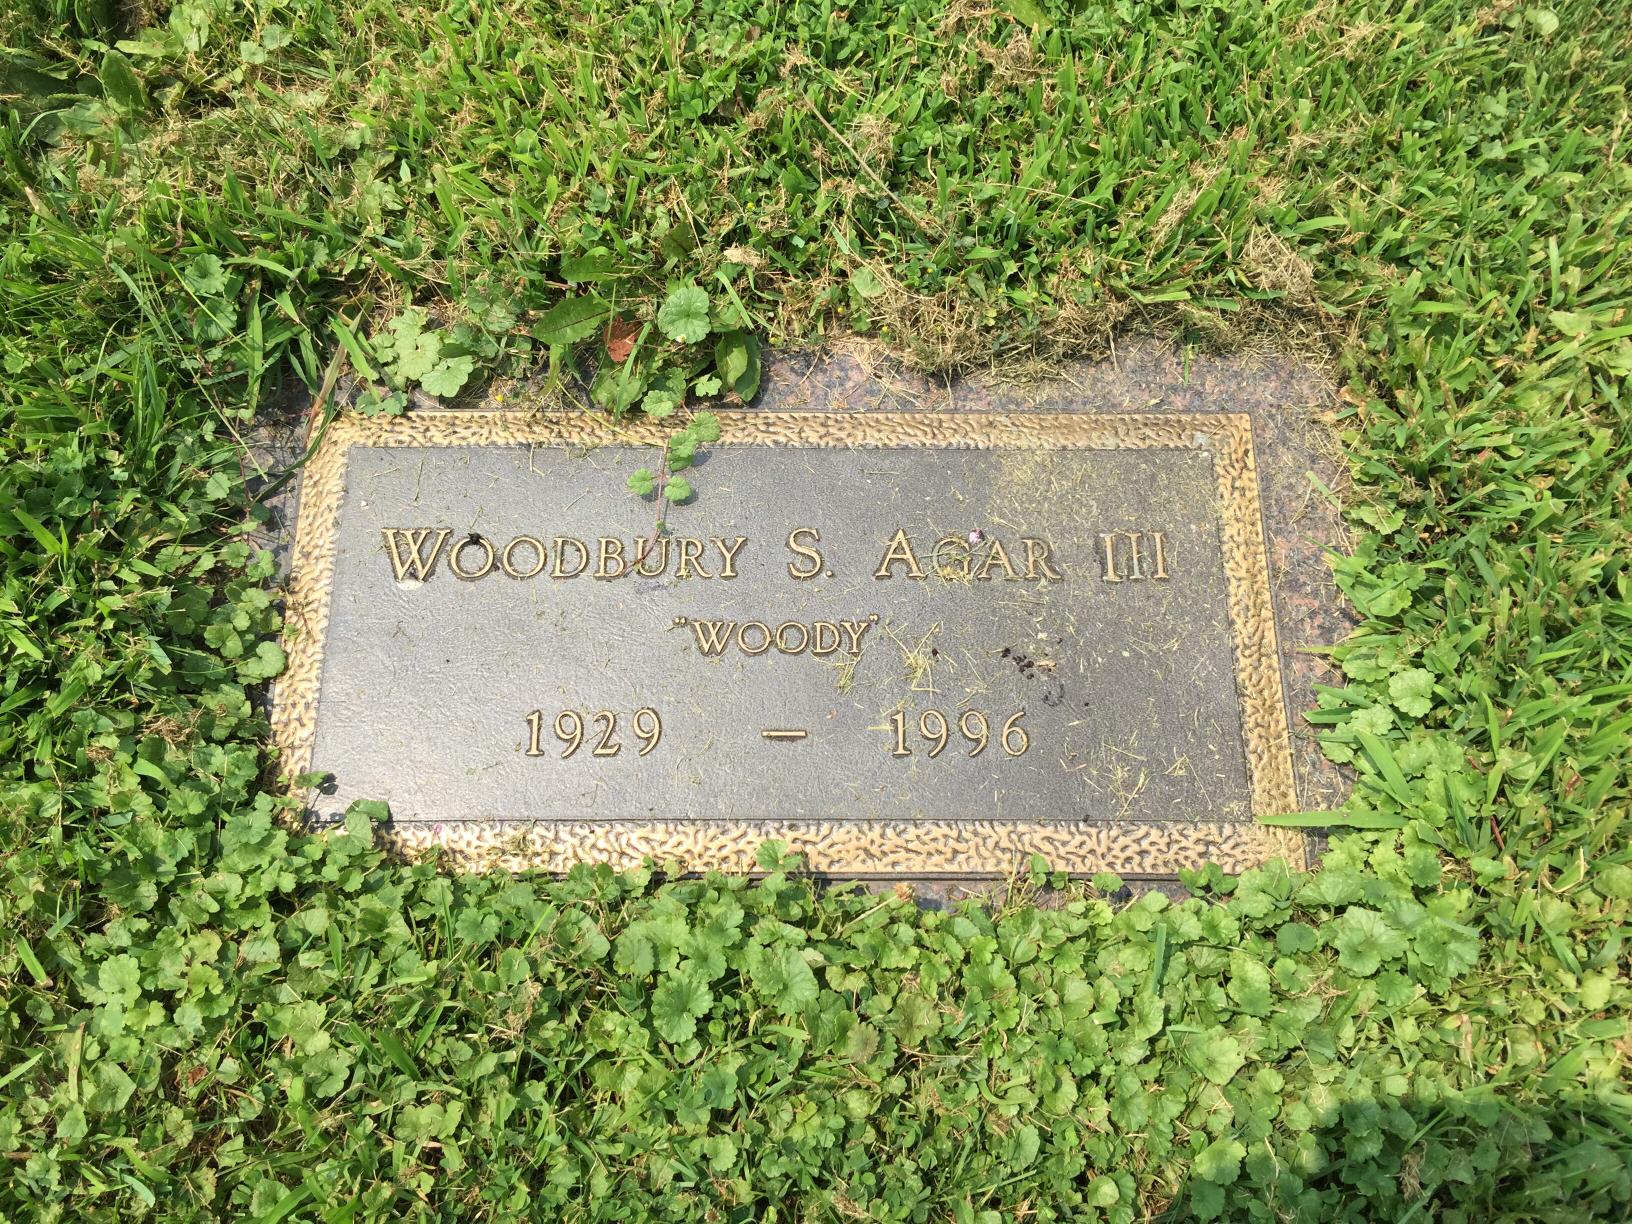 Woodbury Steams Woody Agar, III